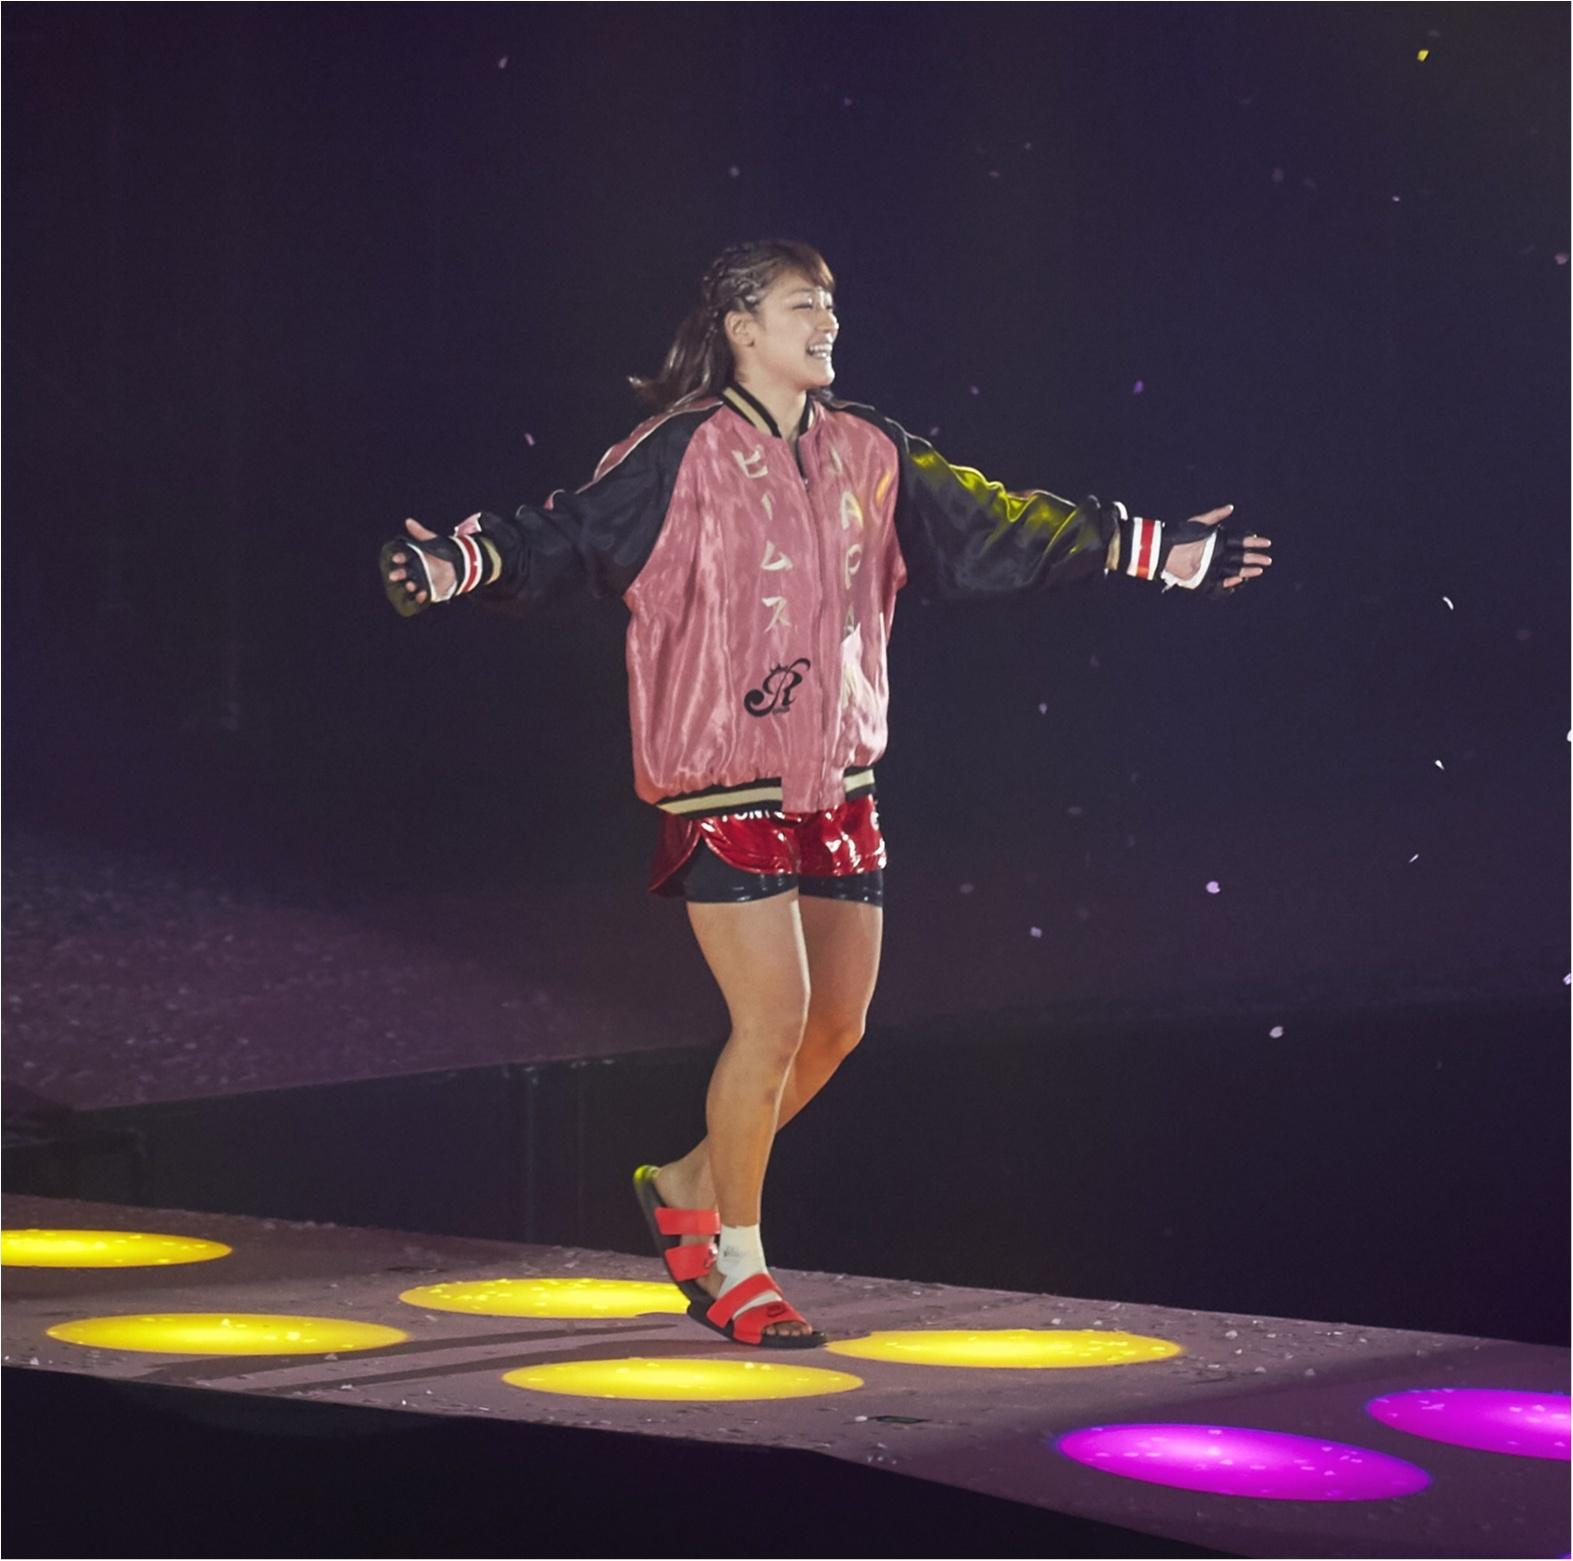 【内田理央のモアチャレ番外編】 今じわじわきてる『ジョシカク』って、知ってる!? だーりおの先生、RENA選手が出場した『RIZIN』生観戦レポート!_2_1